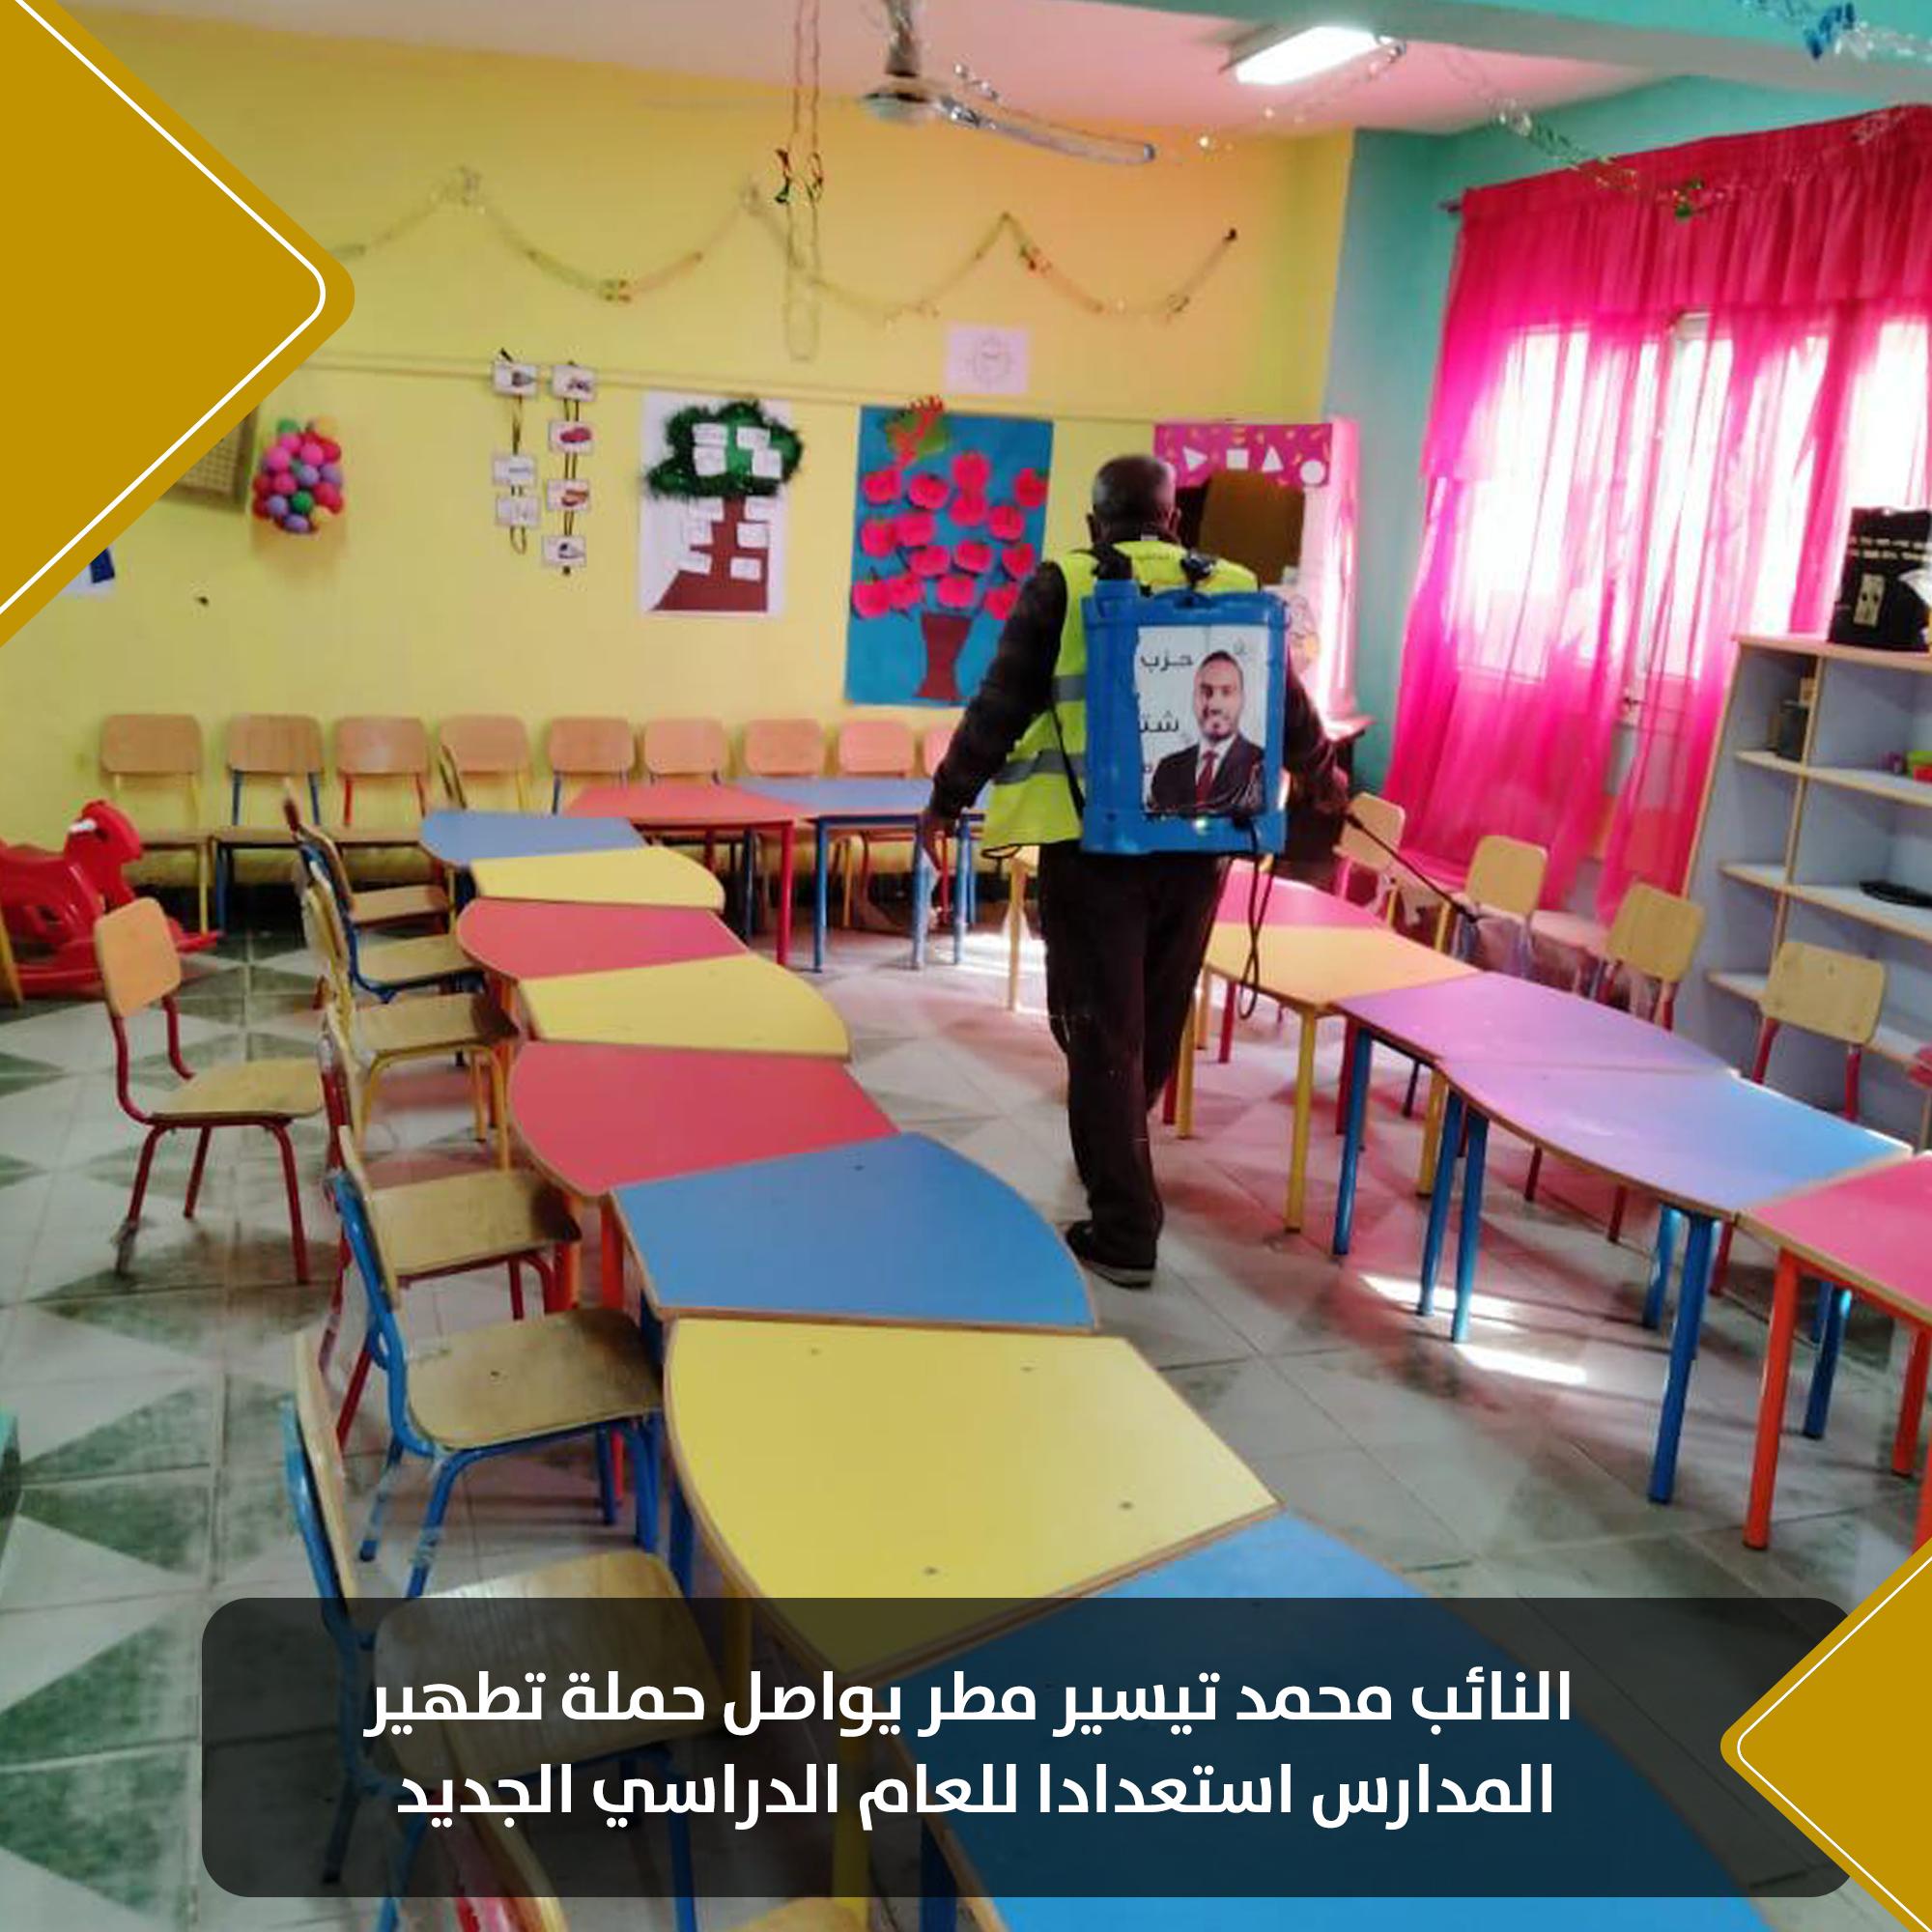 النائب محمد تيسير مطر يواصل حملة تطهير المدارسس (14)